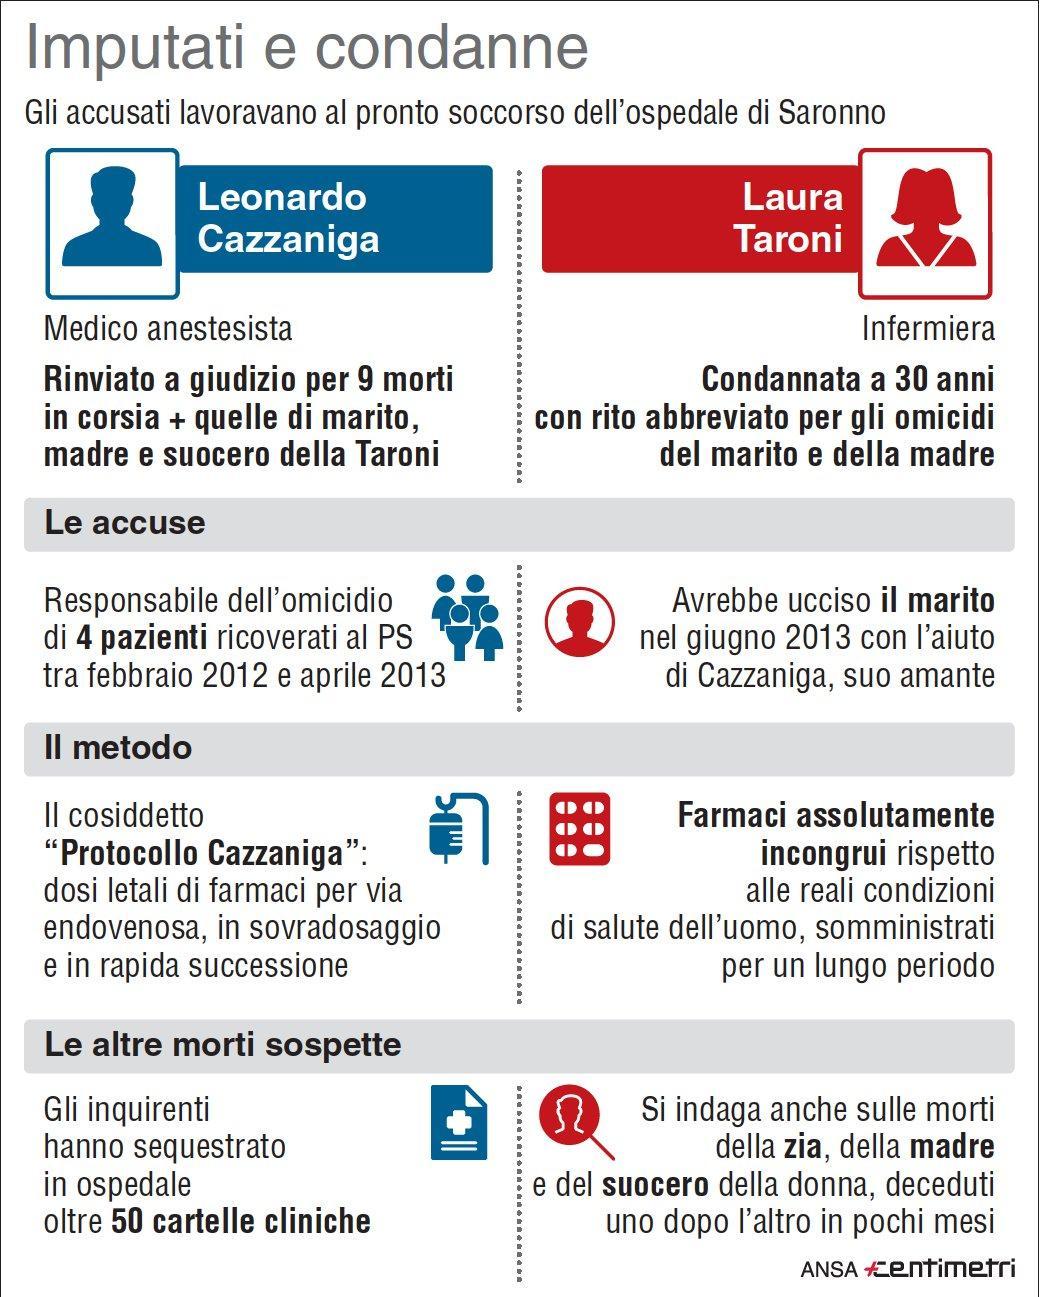 Morti a Saronno, le accuse a Laura Taroni e Leonardo Cazzaniga